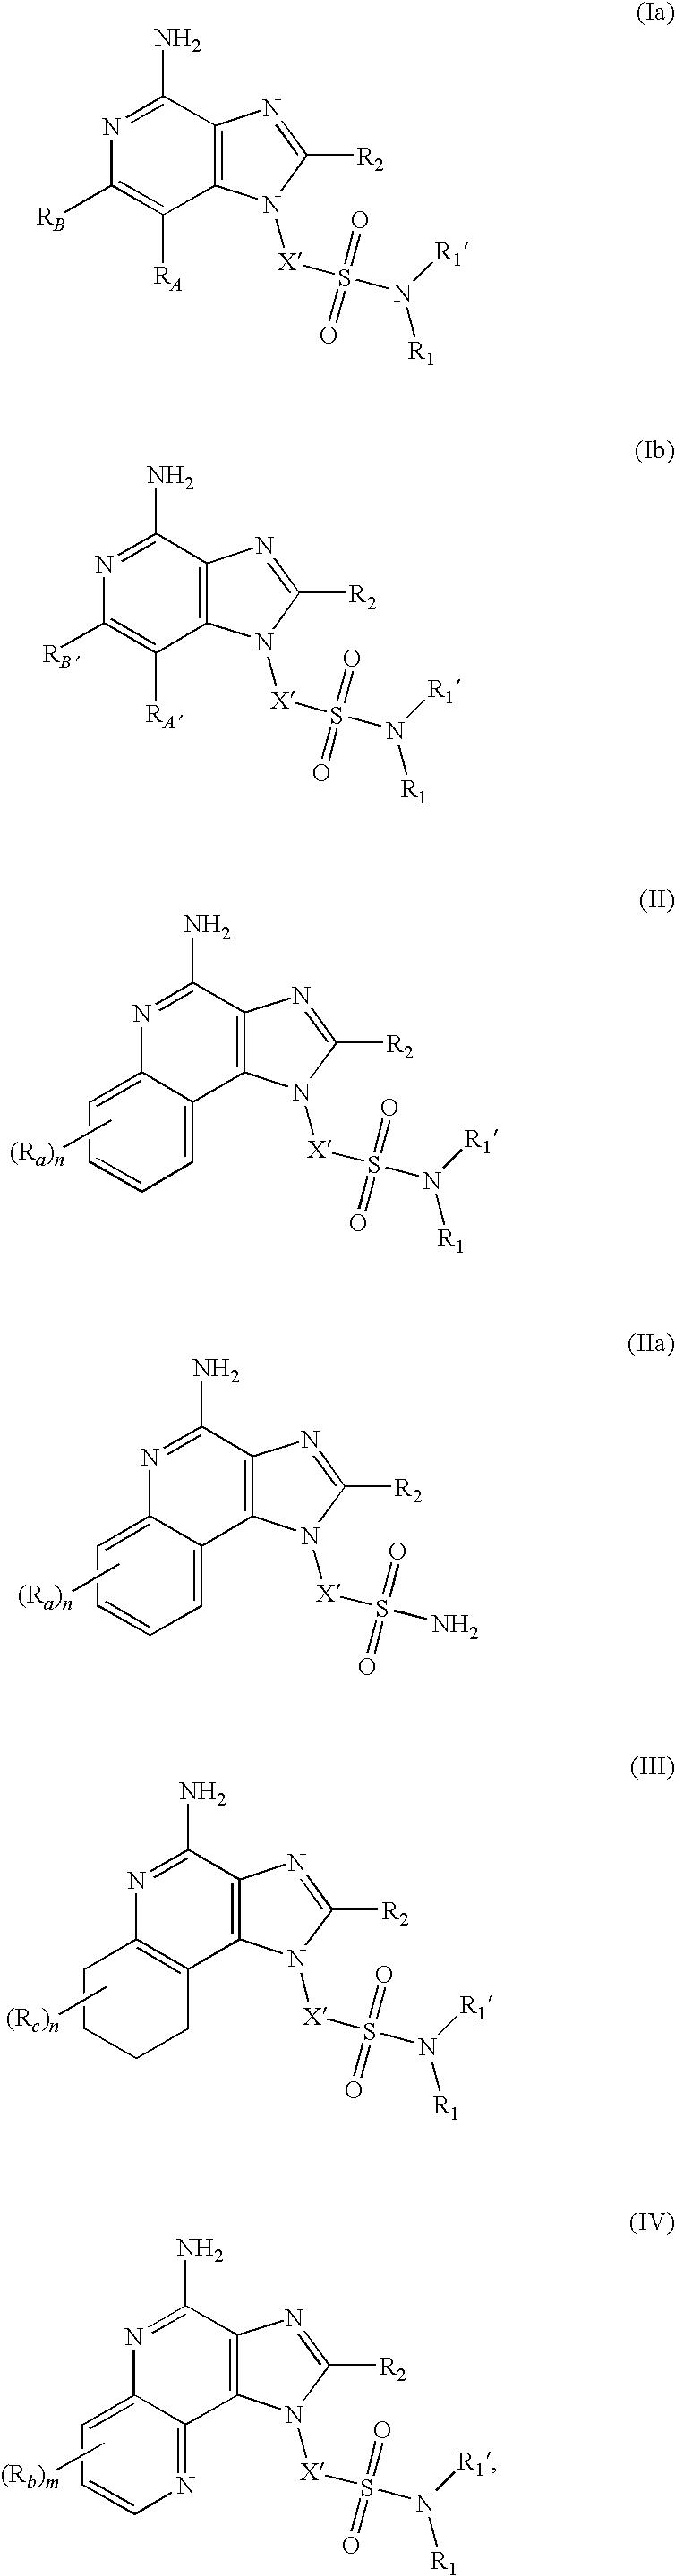 Figure US08735421-20140527-C00002